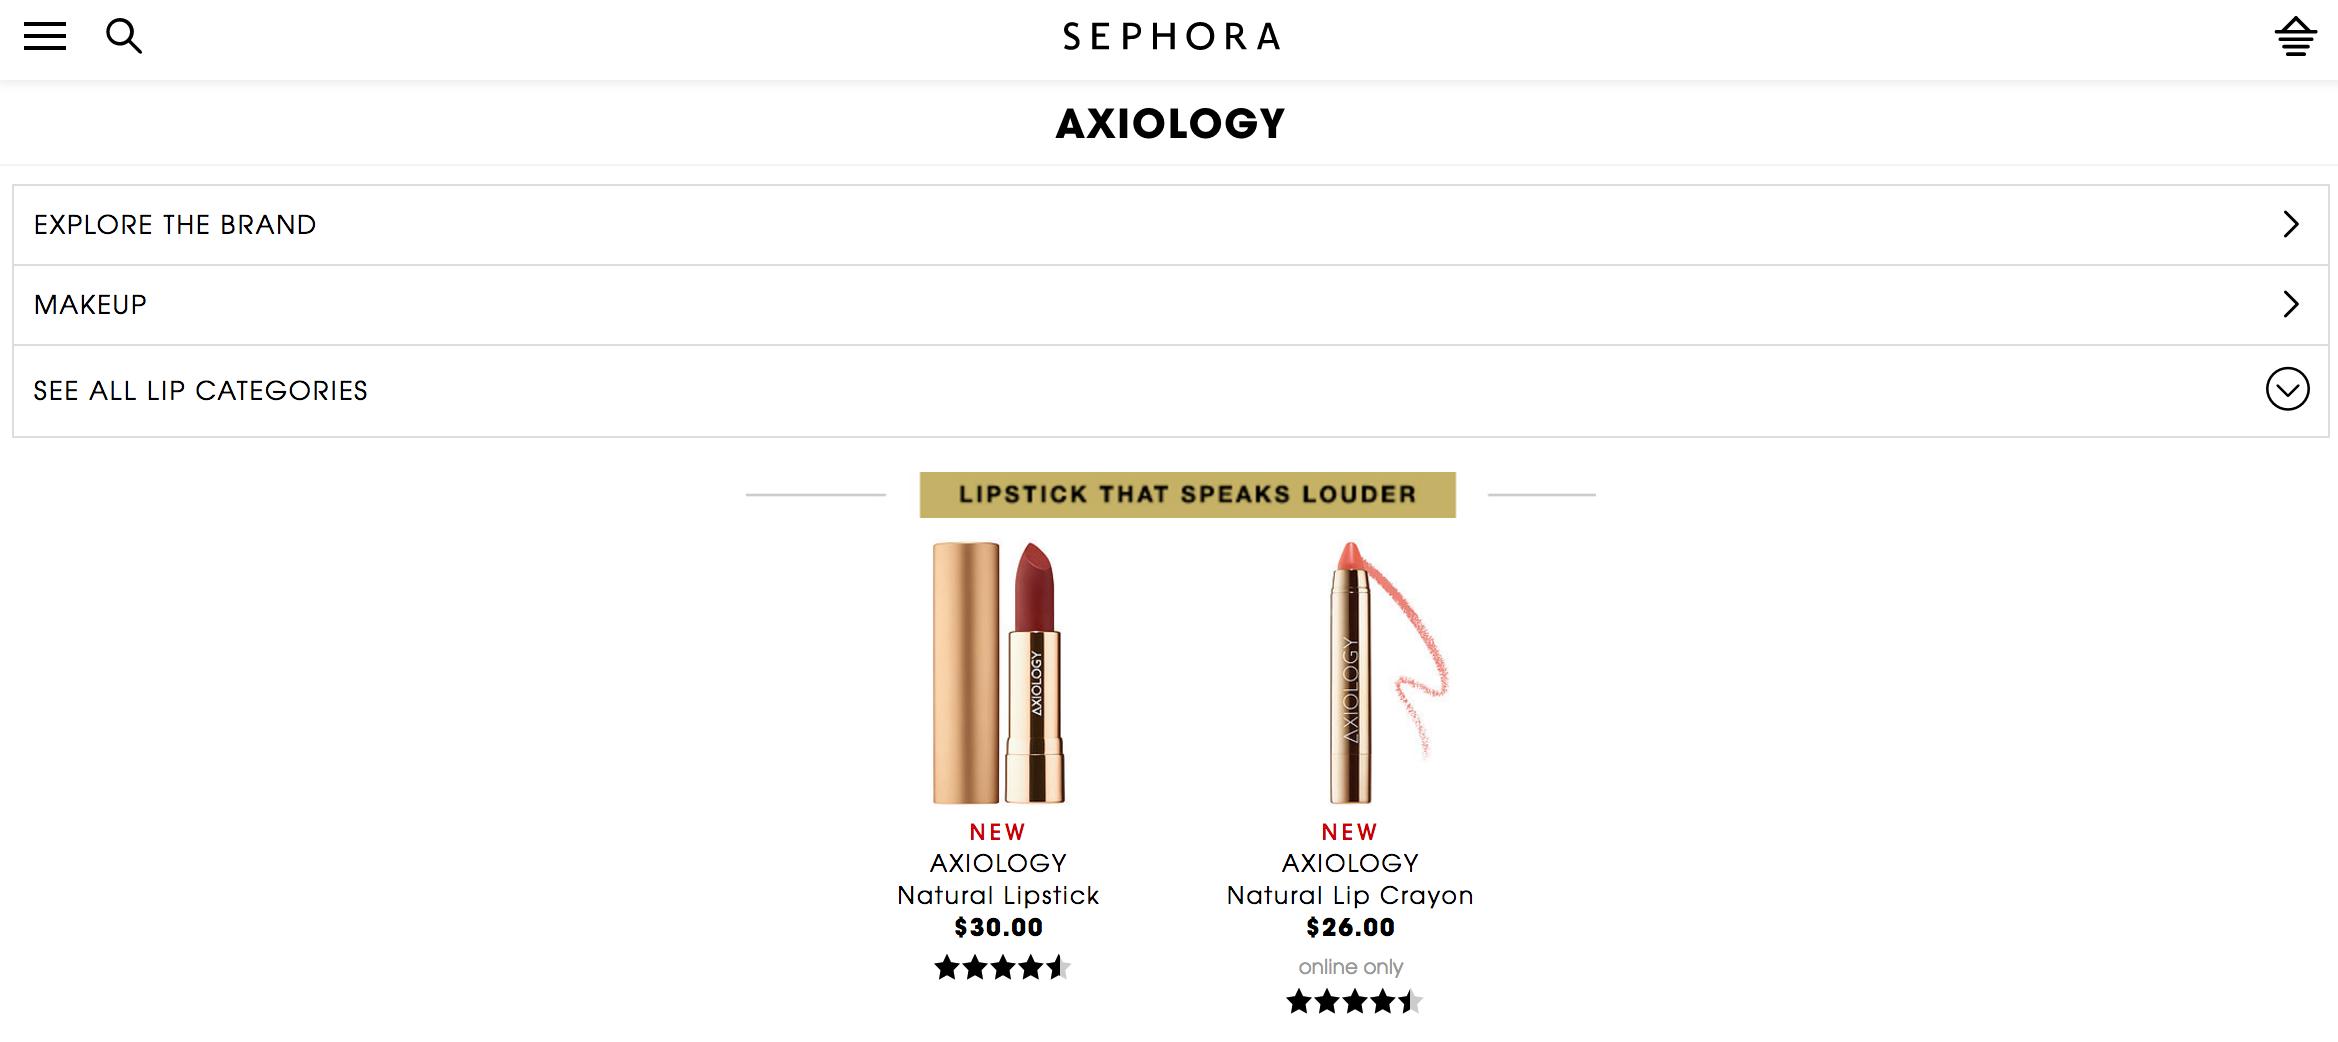 Check out Axiology at Sephora